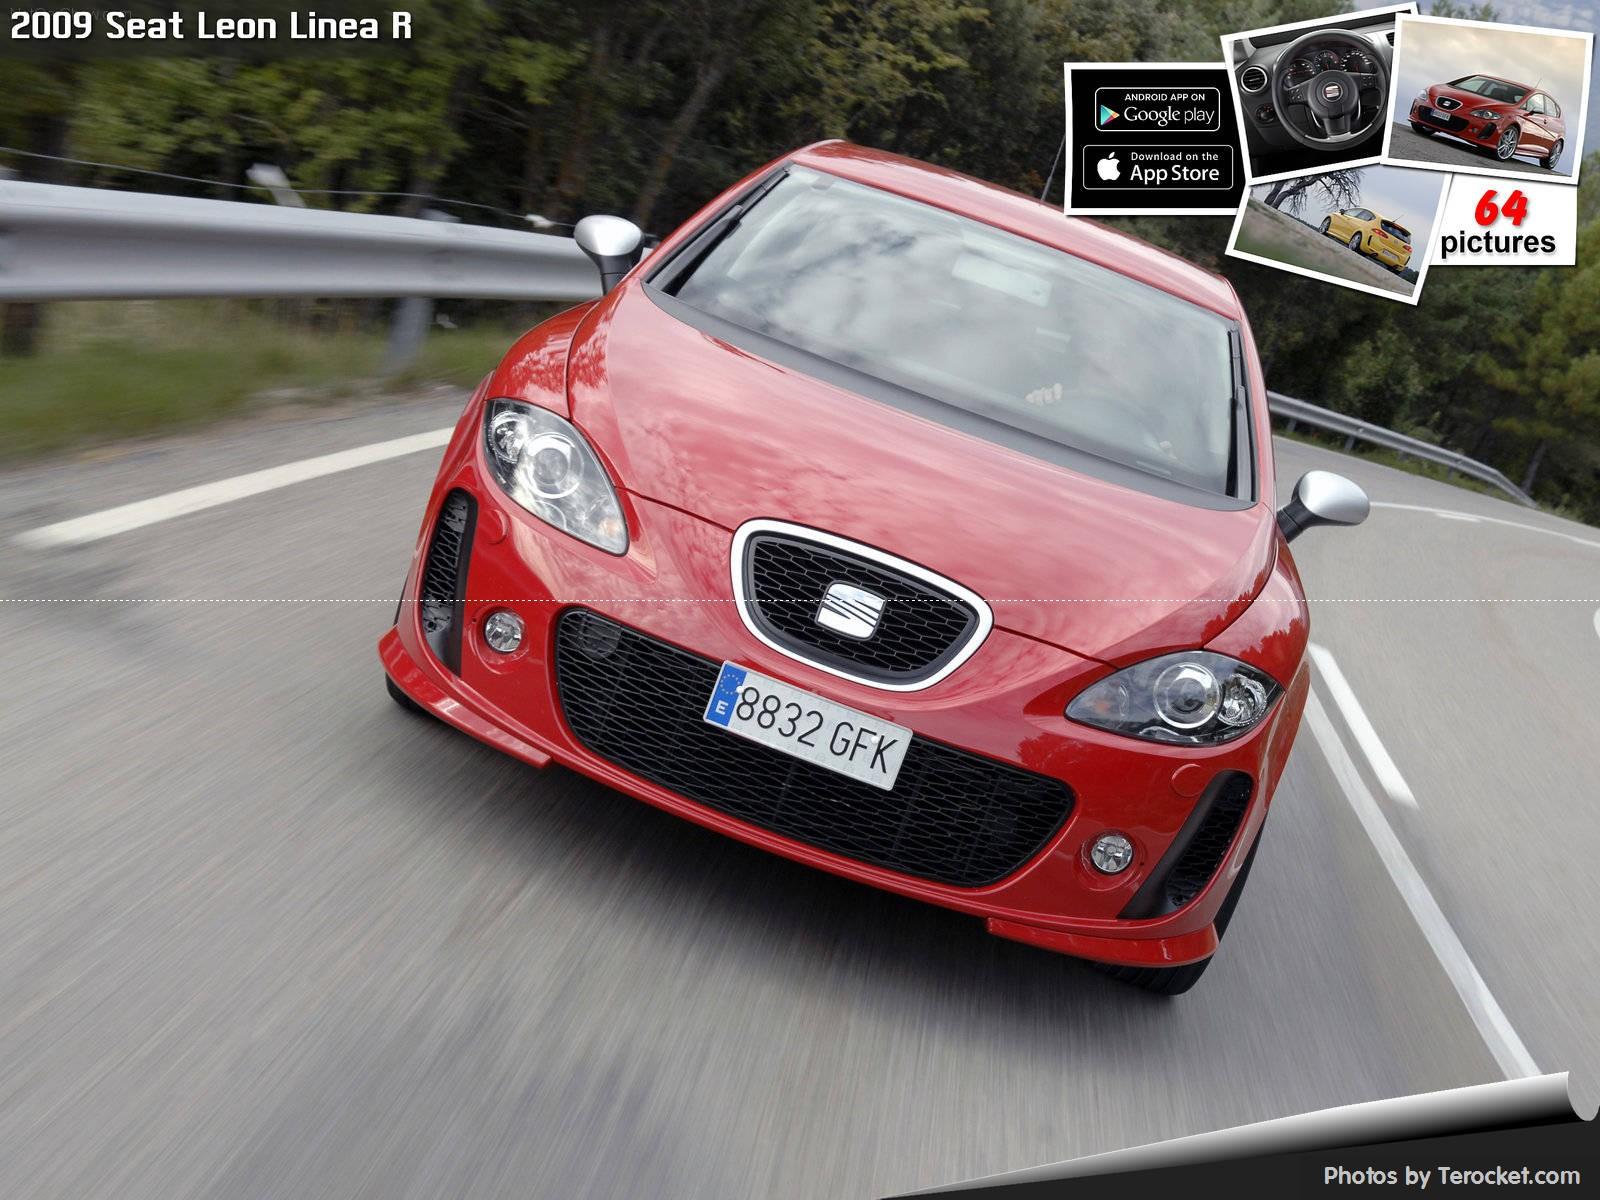 Hình ảnh xe ô tô Seat Leon Linea R 2009 & nội ngoại thất